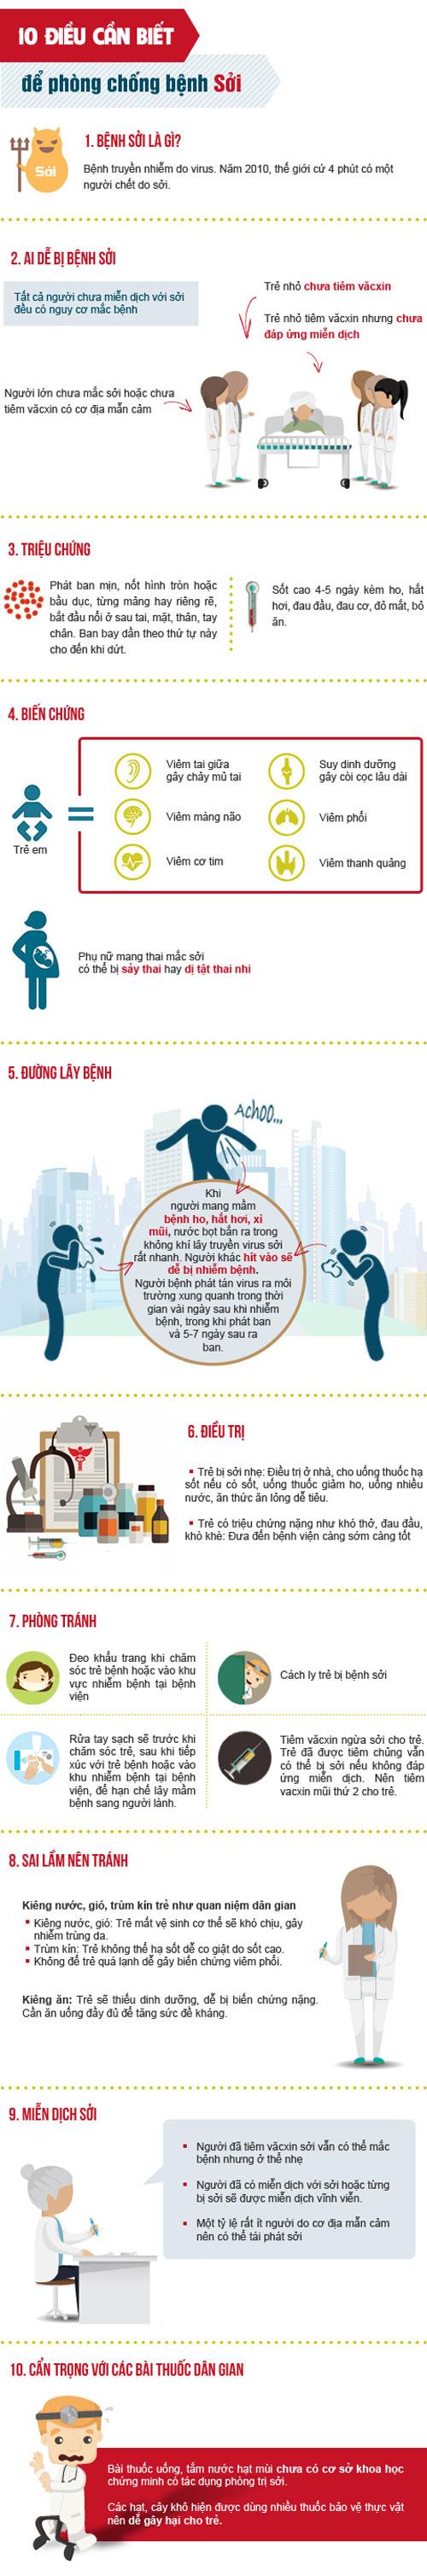 [Infographic] 10 điều cần biết để phòng tránh bệnh sởi